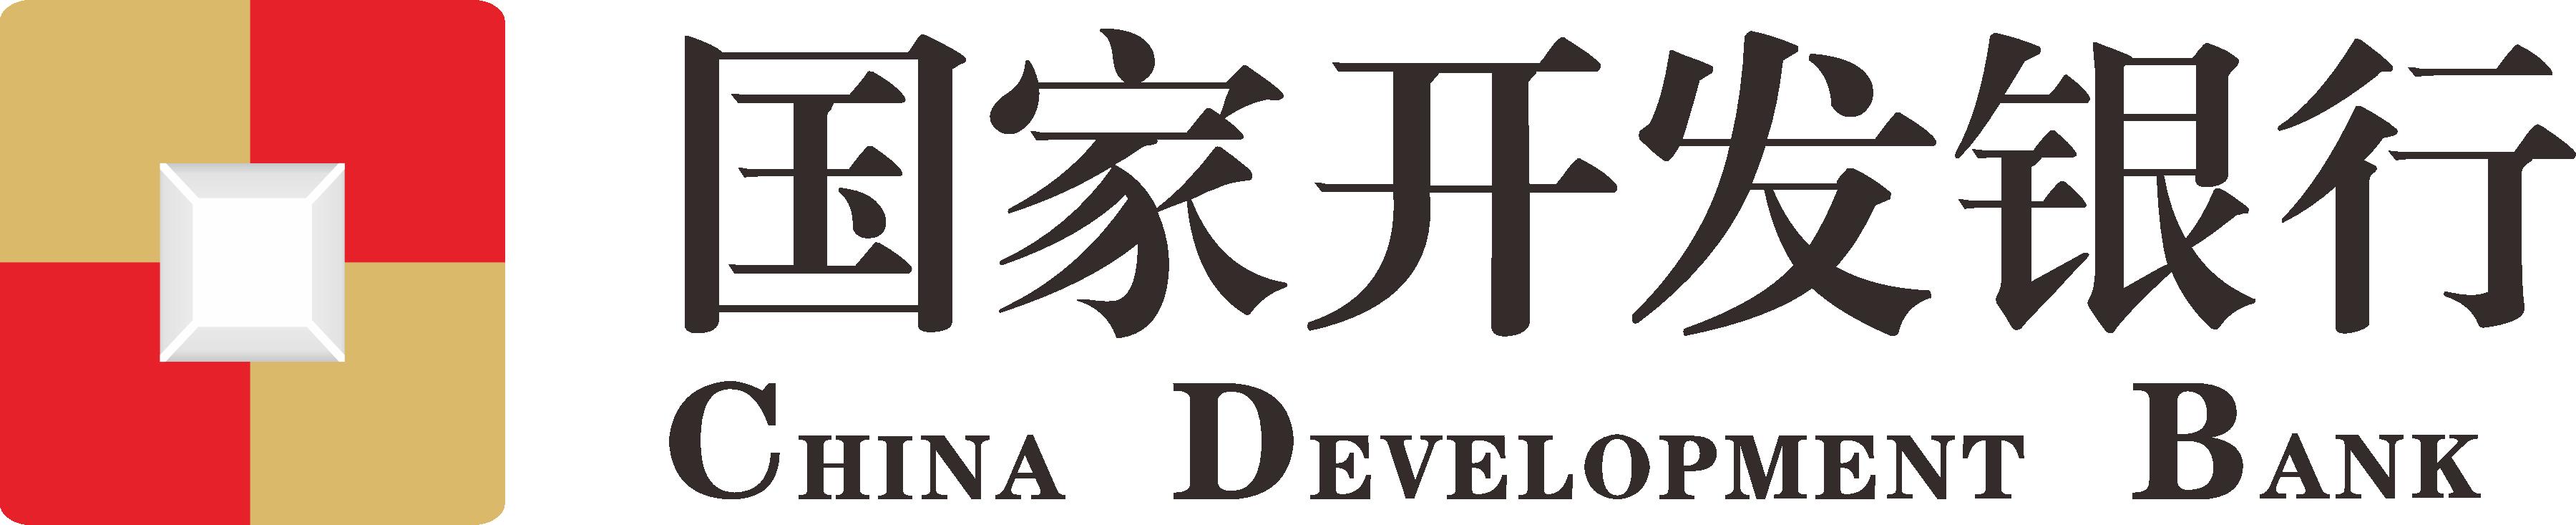 Veja o que saiu no Migalhas sobre China Development Bank